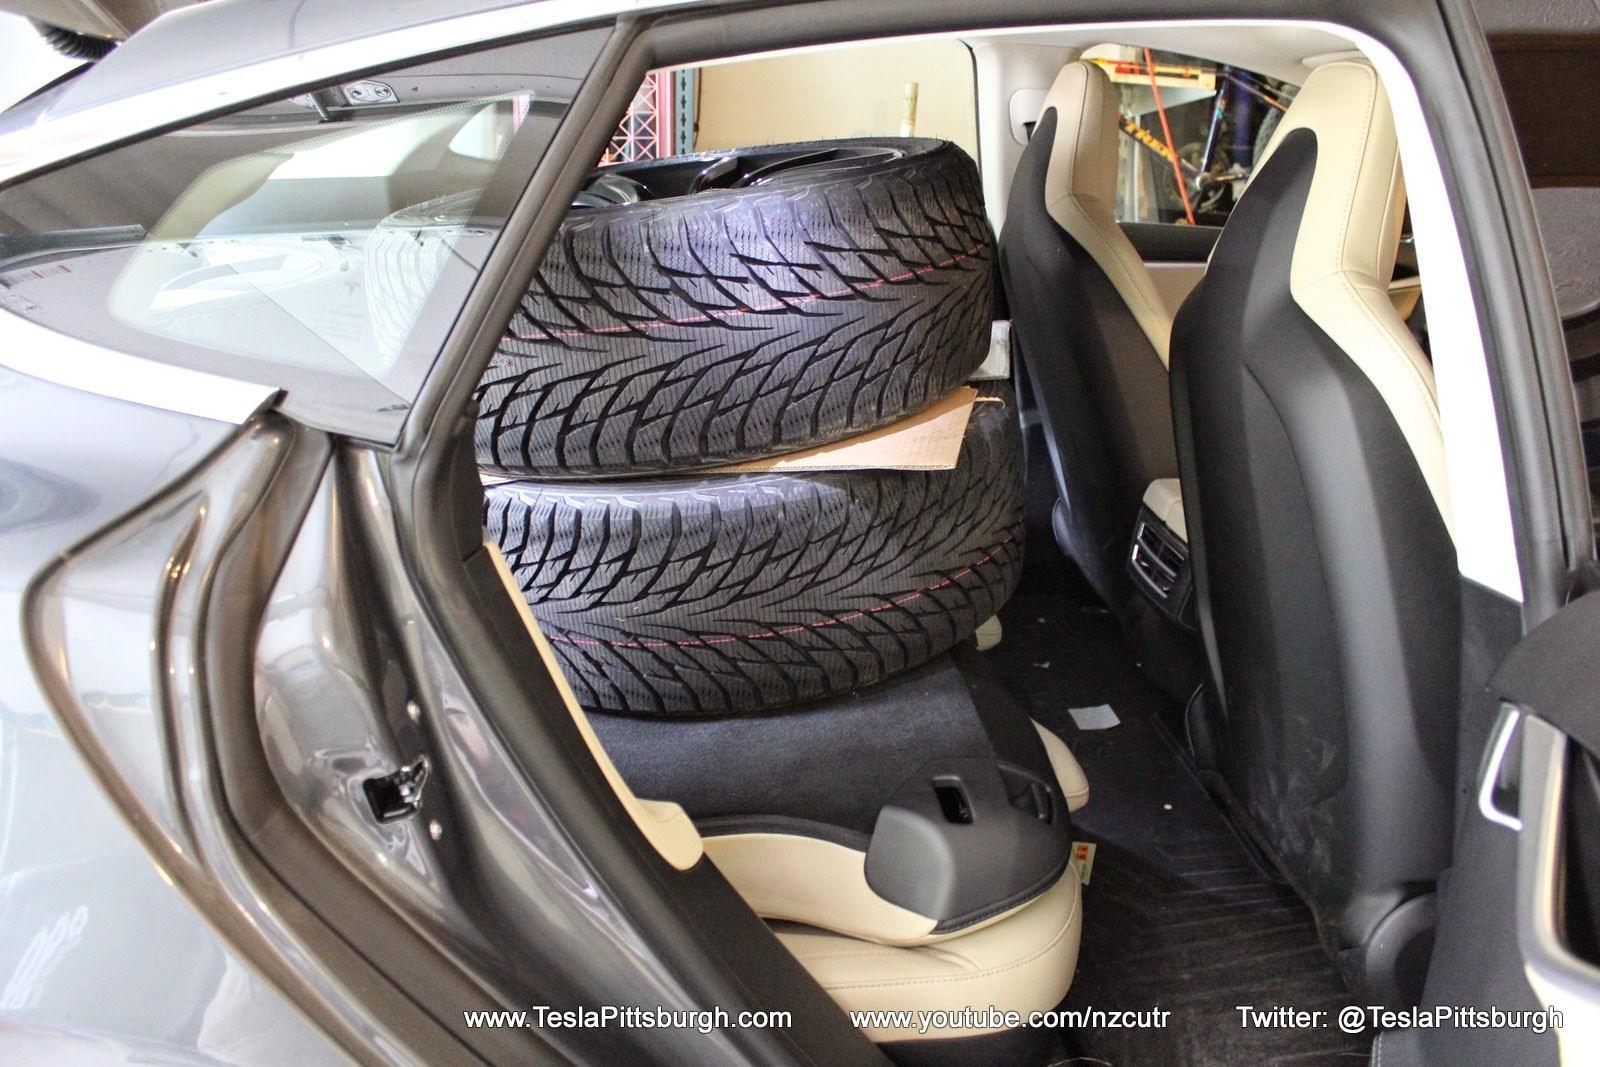 Model-S-Rear-Seat-Winter-Wheel-Tires